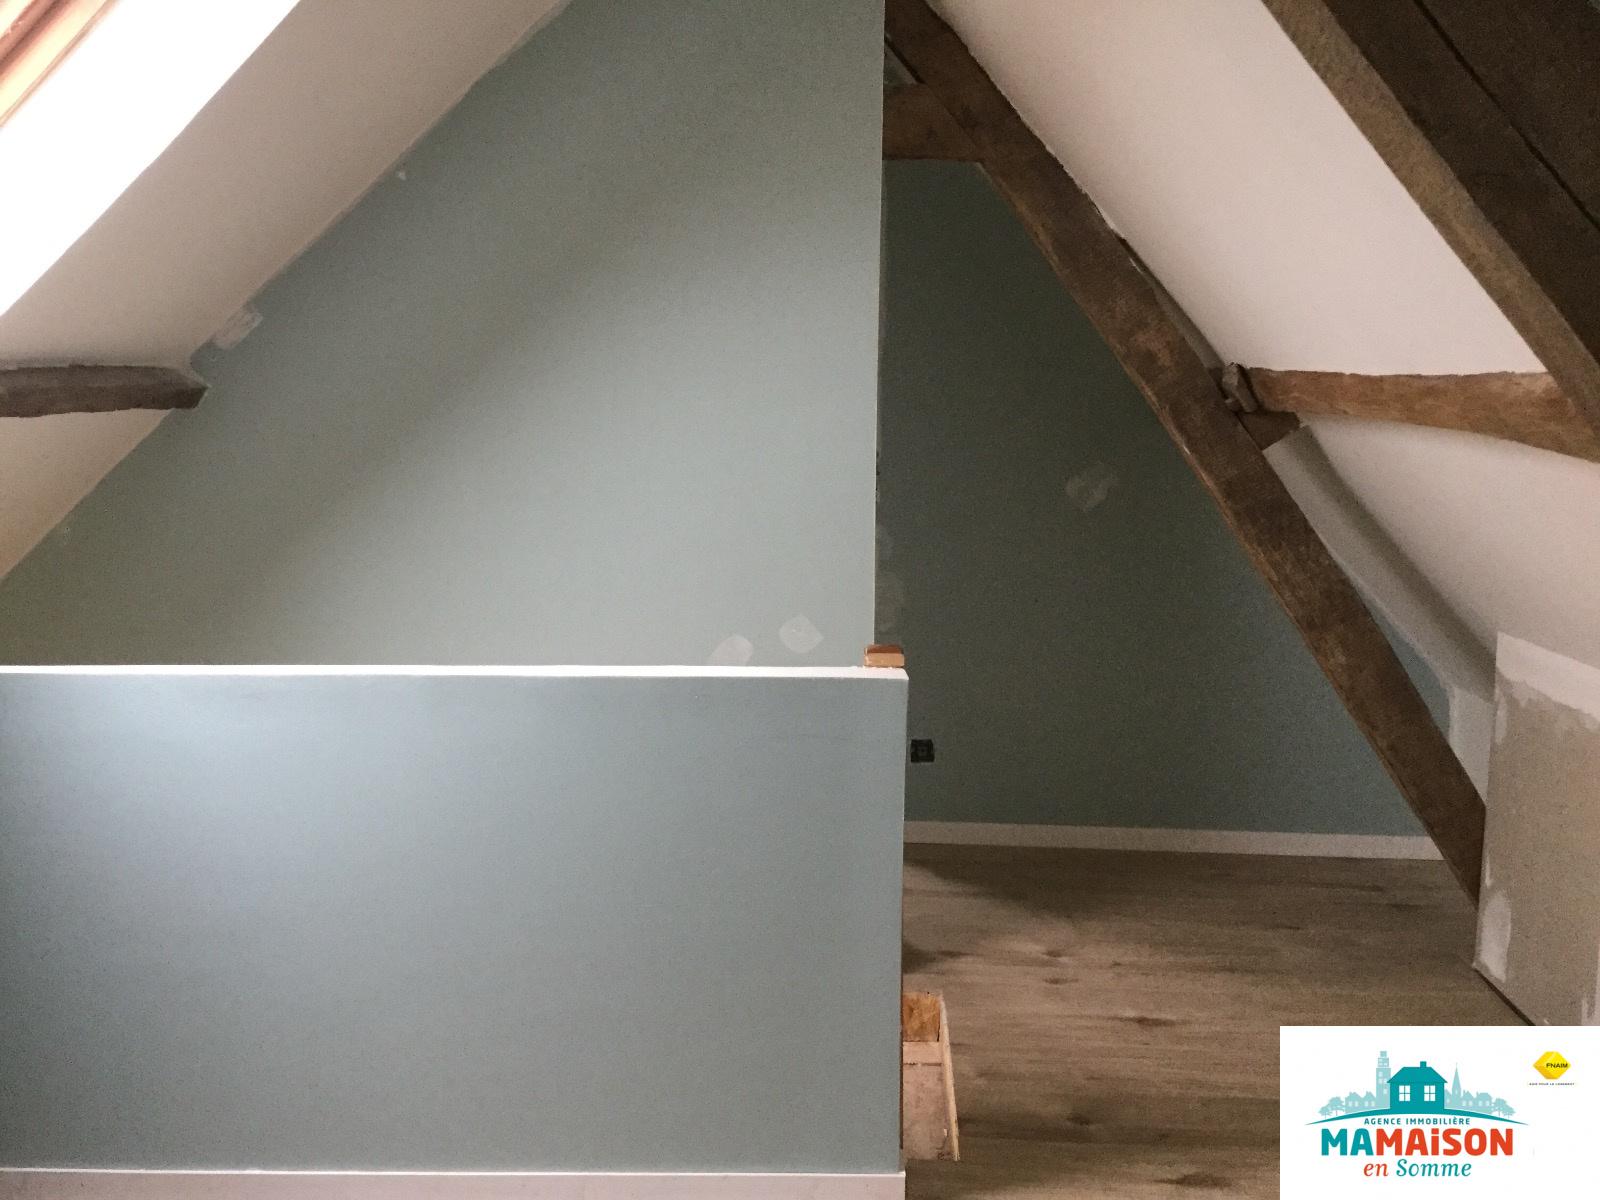 agence-immobiliere-villers-bretonneux-ma-maison-en-somme